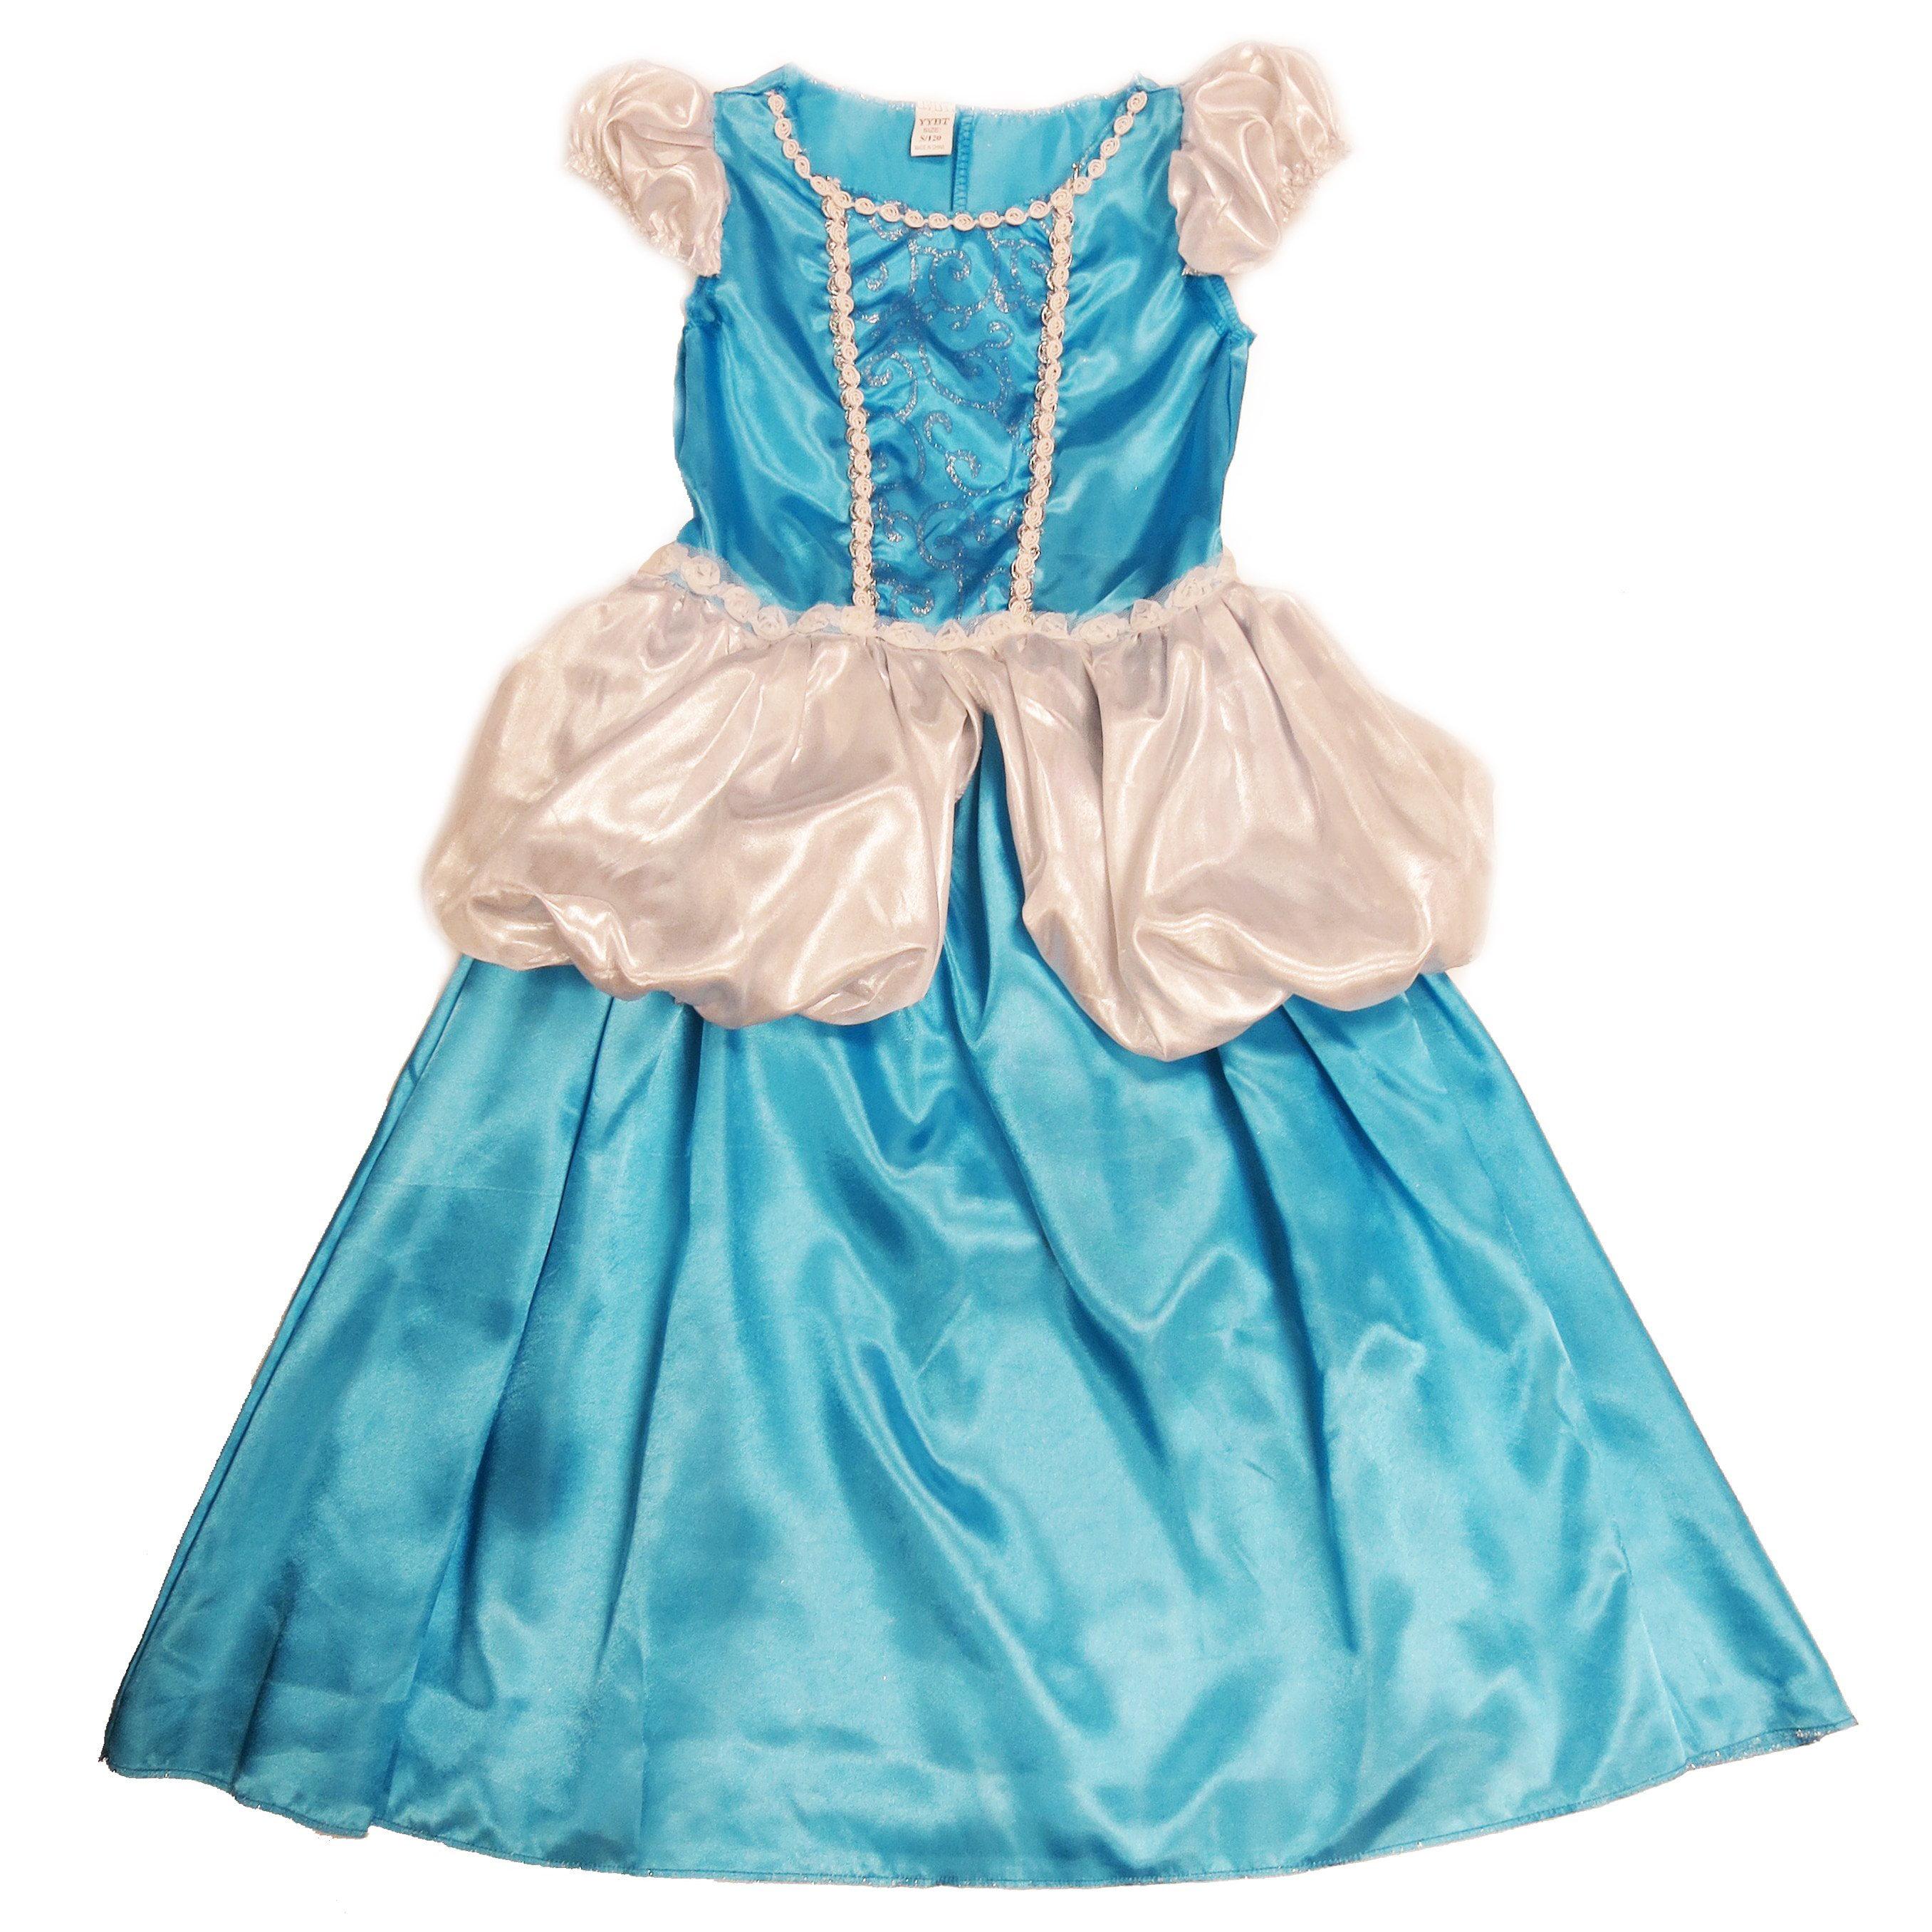 Wenchoice Cinderella DressGirls L(10-12Y,140CM)